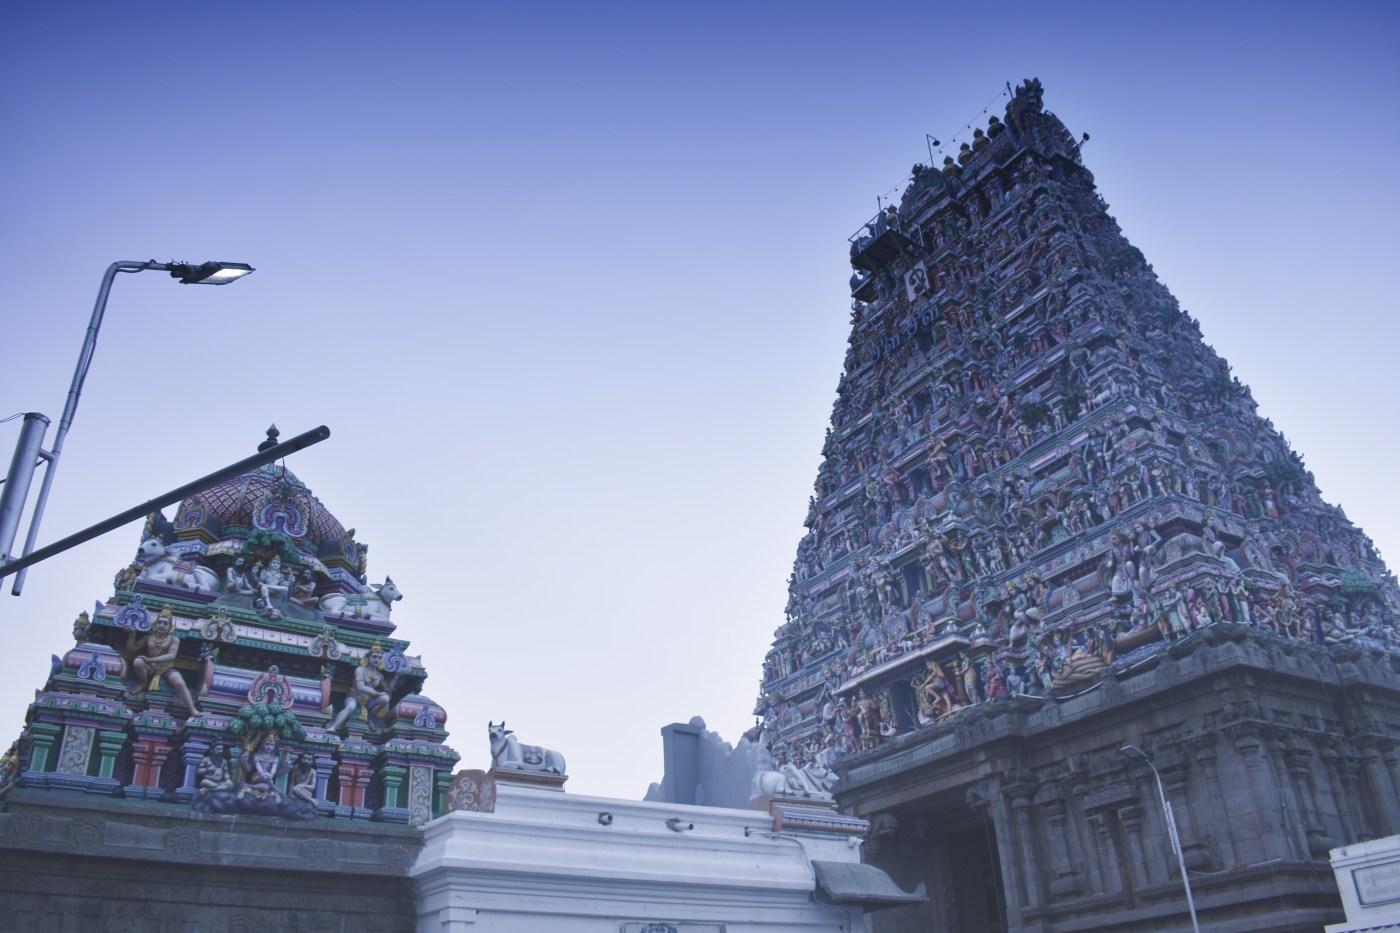 Kapaleeshwarar architecture.